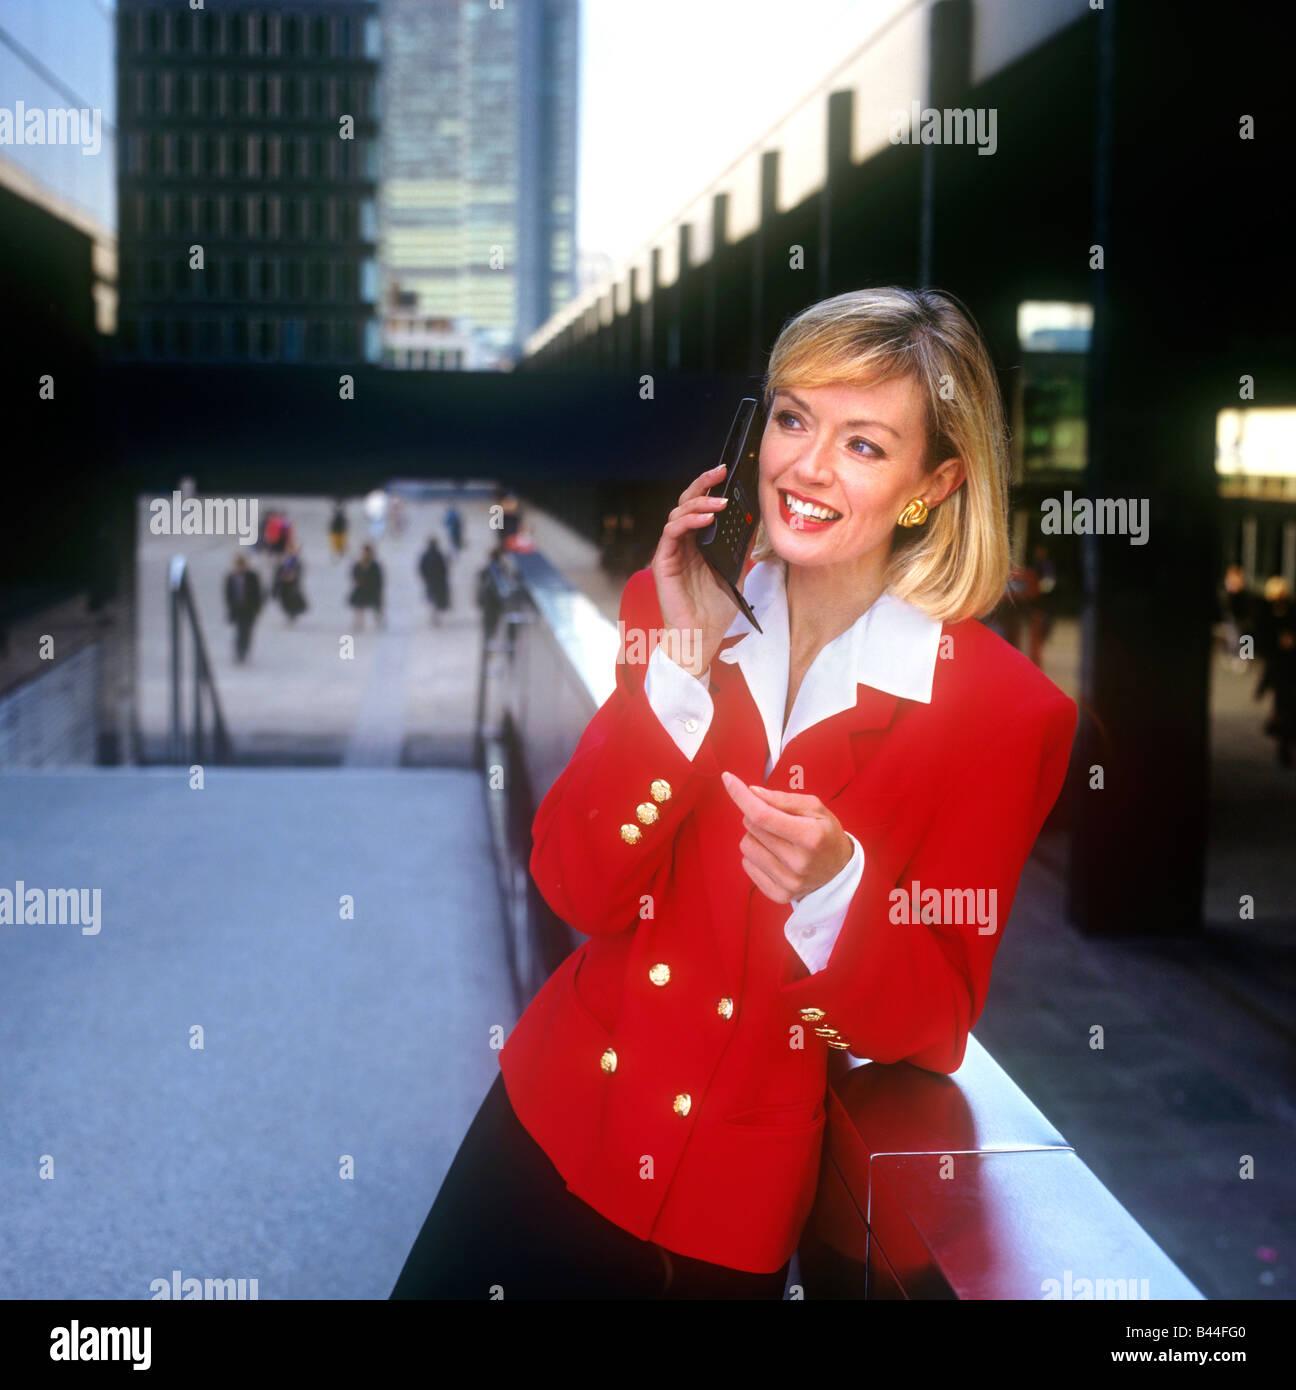 La publicité des années 1980 modèle photo image illustrant la businesswoman avec début de première Photo Stock